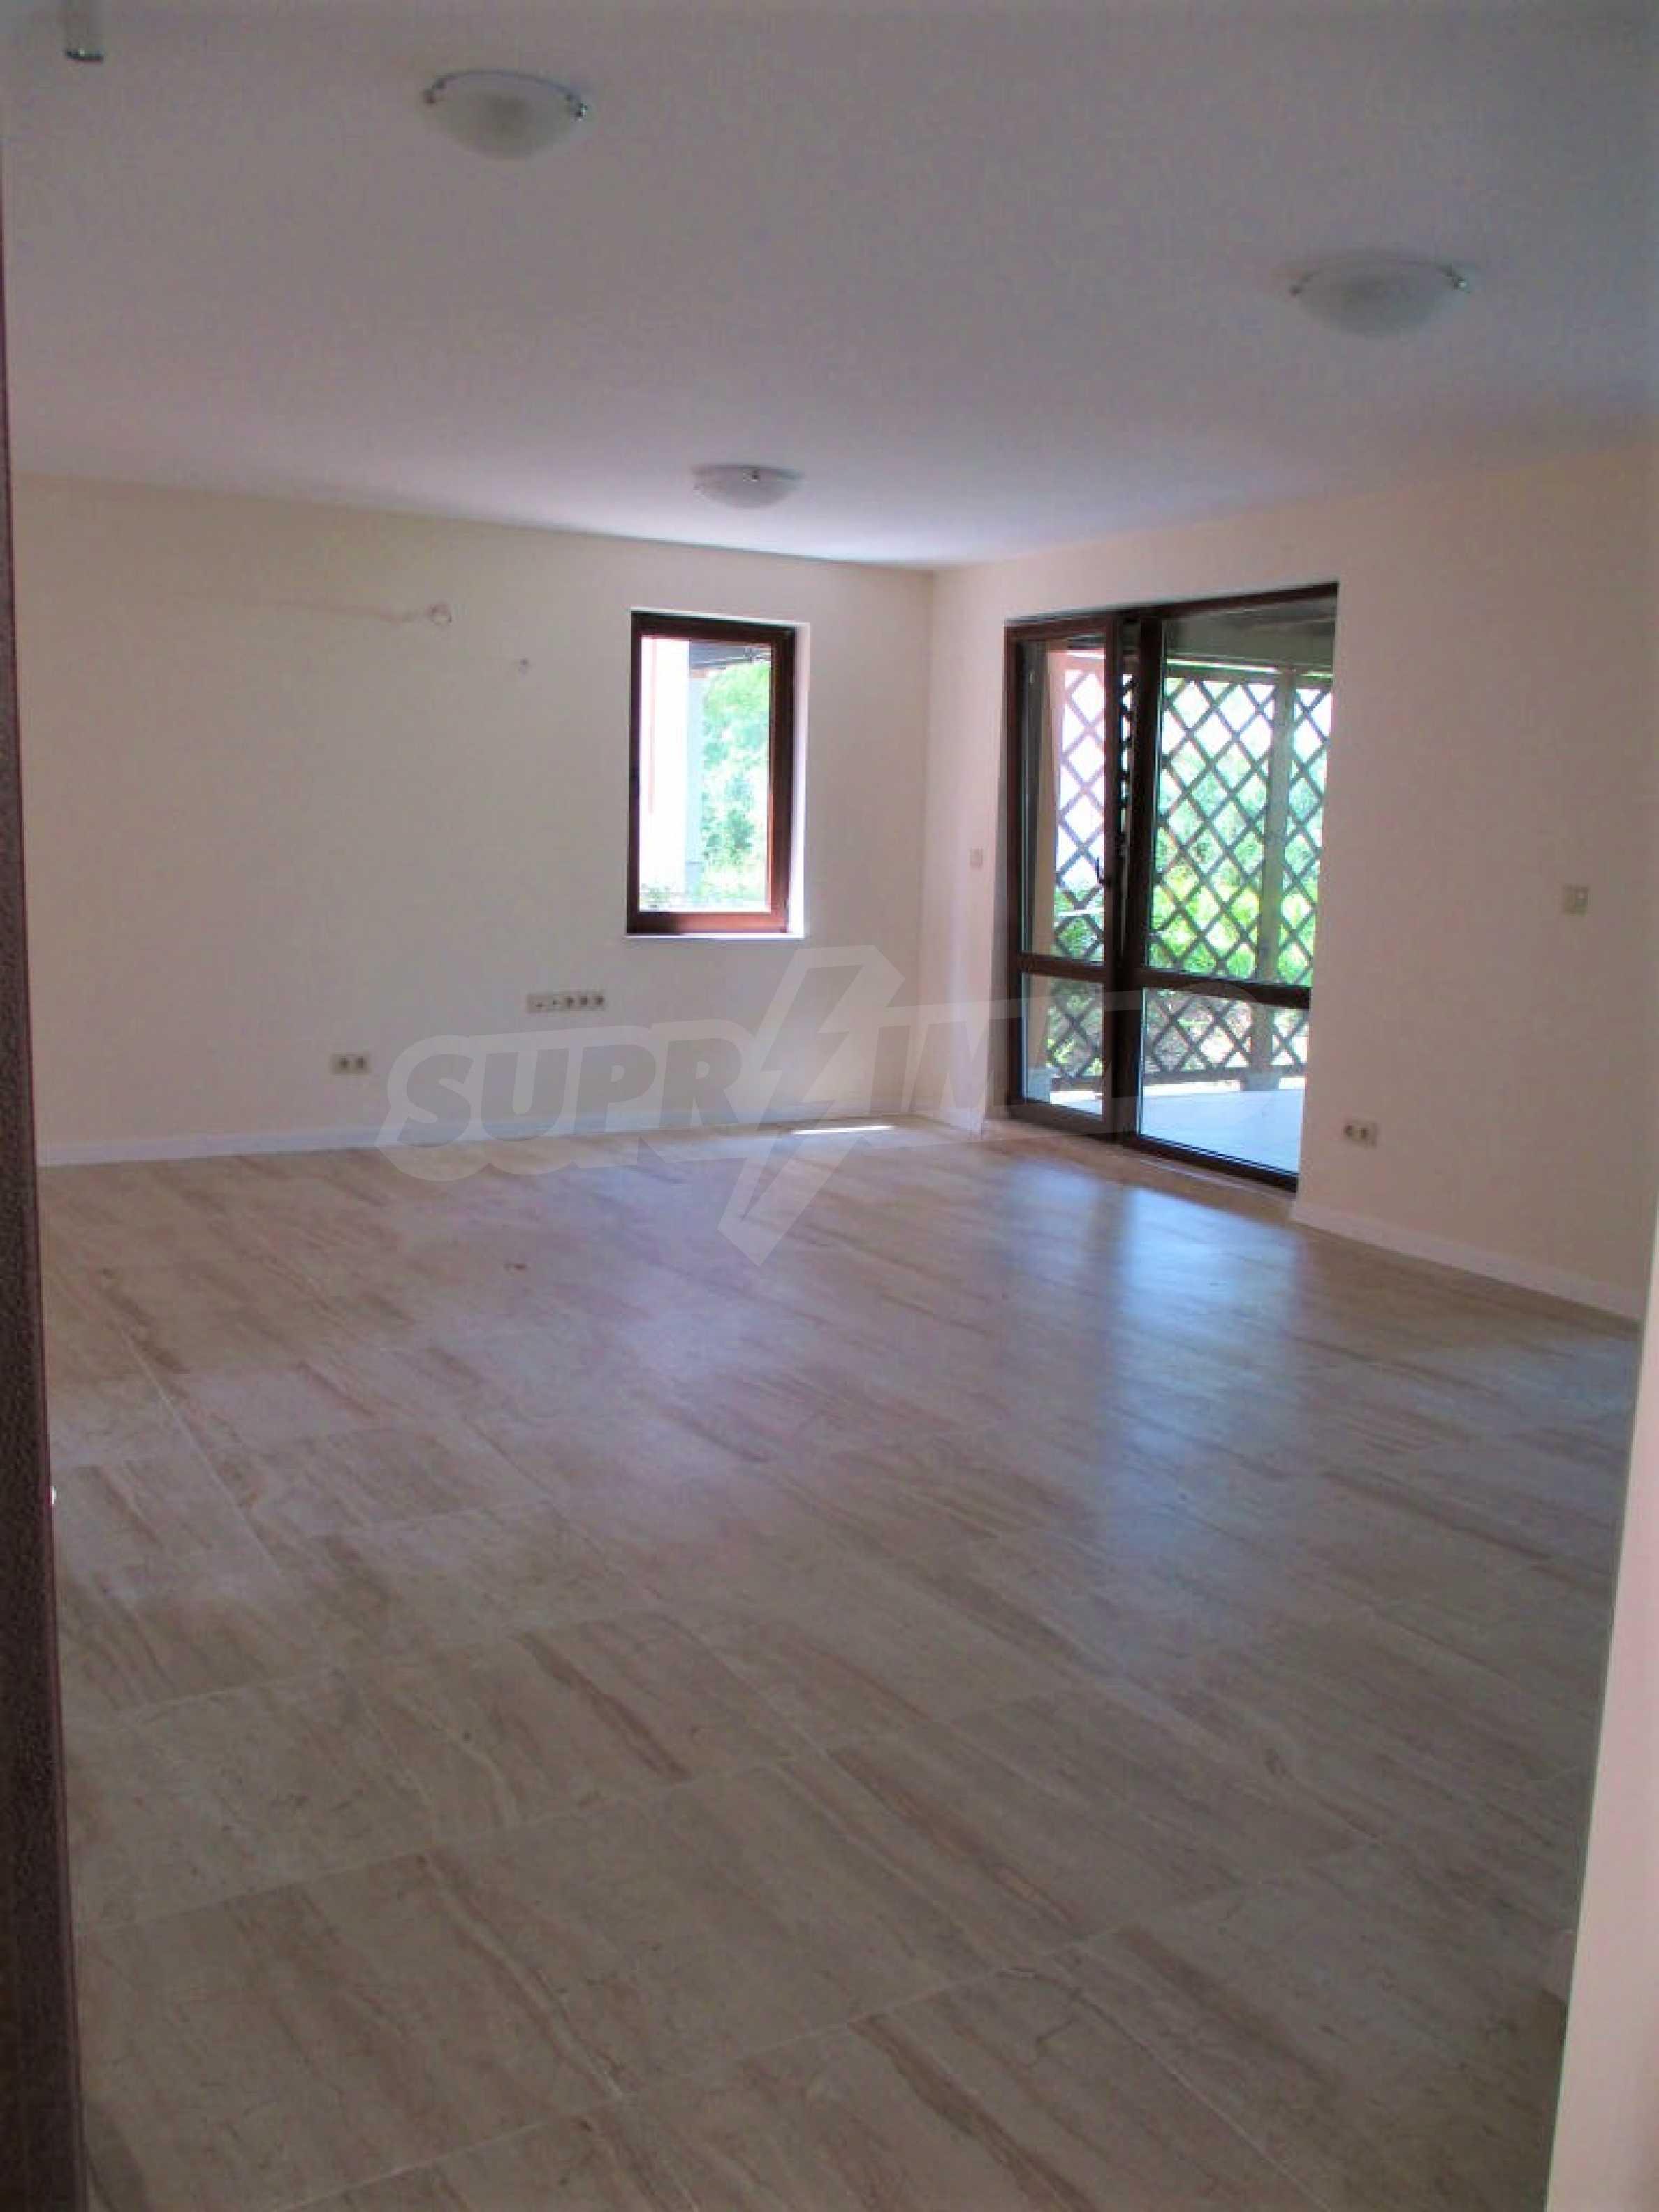 ПРОМО цени! Напълно завършена или нова къща в строеж на 100 метра от плажа 32